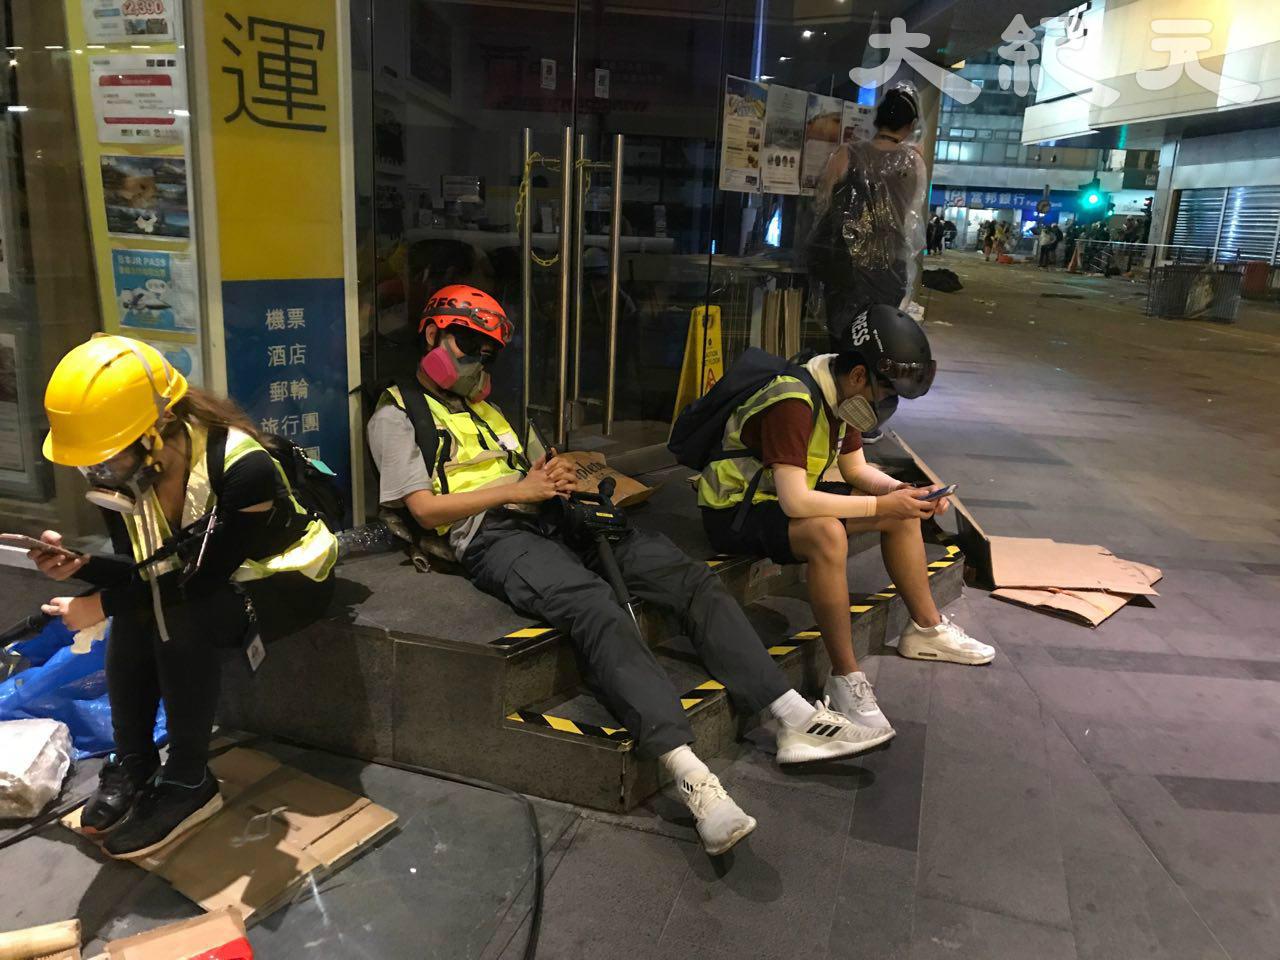 媒體記者為記錄反送中事件,累了就在路邊休息。(余鋼/大紀元)